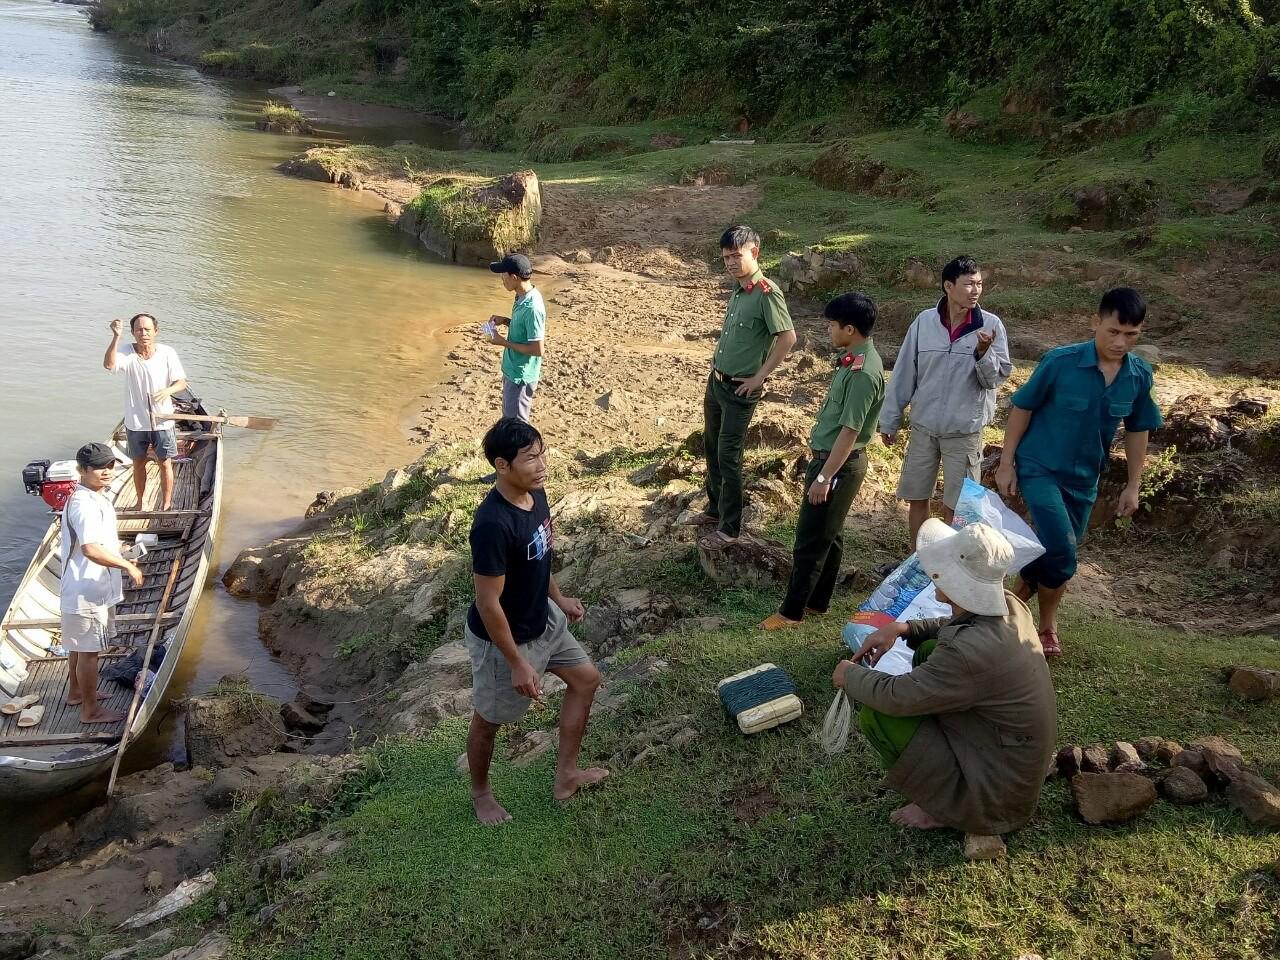 Rủ nhau ra bờ sông chơi, 2 em nhỏ mất tích nghi bị đuối nước - Ảnh 2.